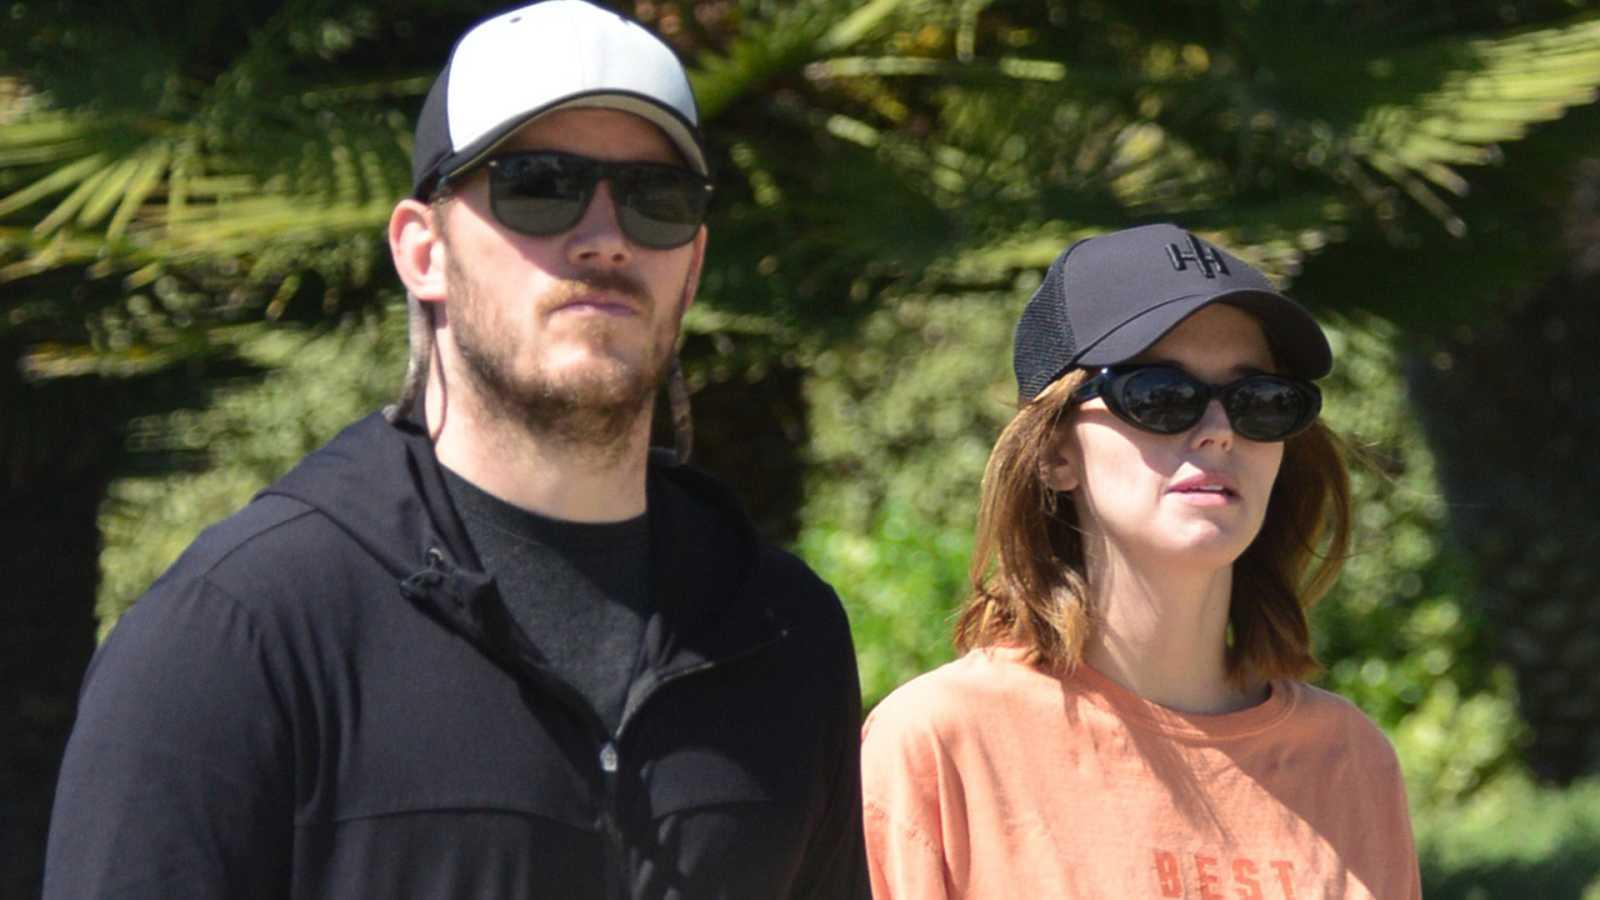 La pareja formada por Katherine Schwarzeneggeren y Chris Pratt anuncia que van a tener un hijo